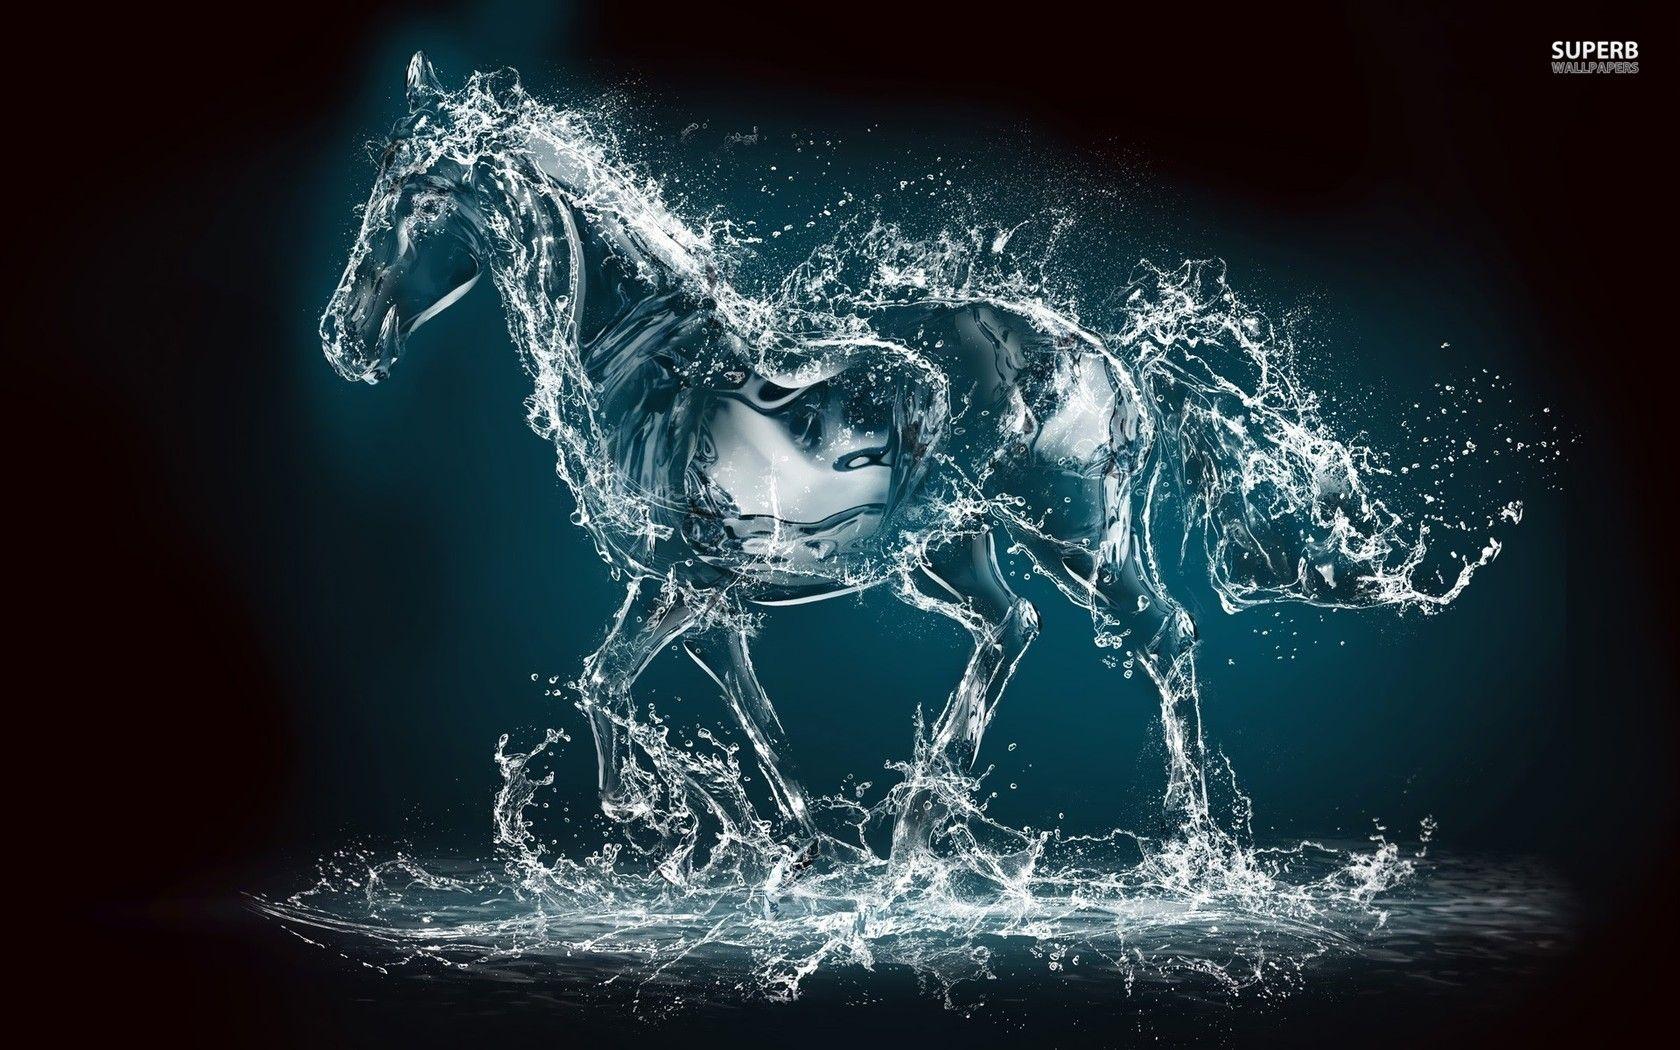 Best Wallpaper Horse Creative - 981450849bbb2713833d6ebc8d35f20d  Image_639218.jpg